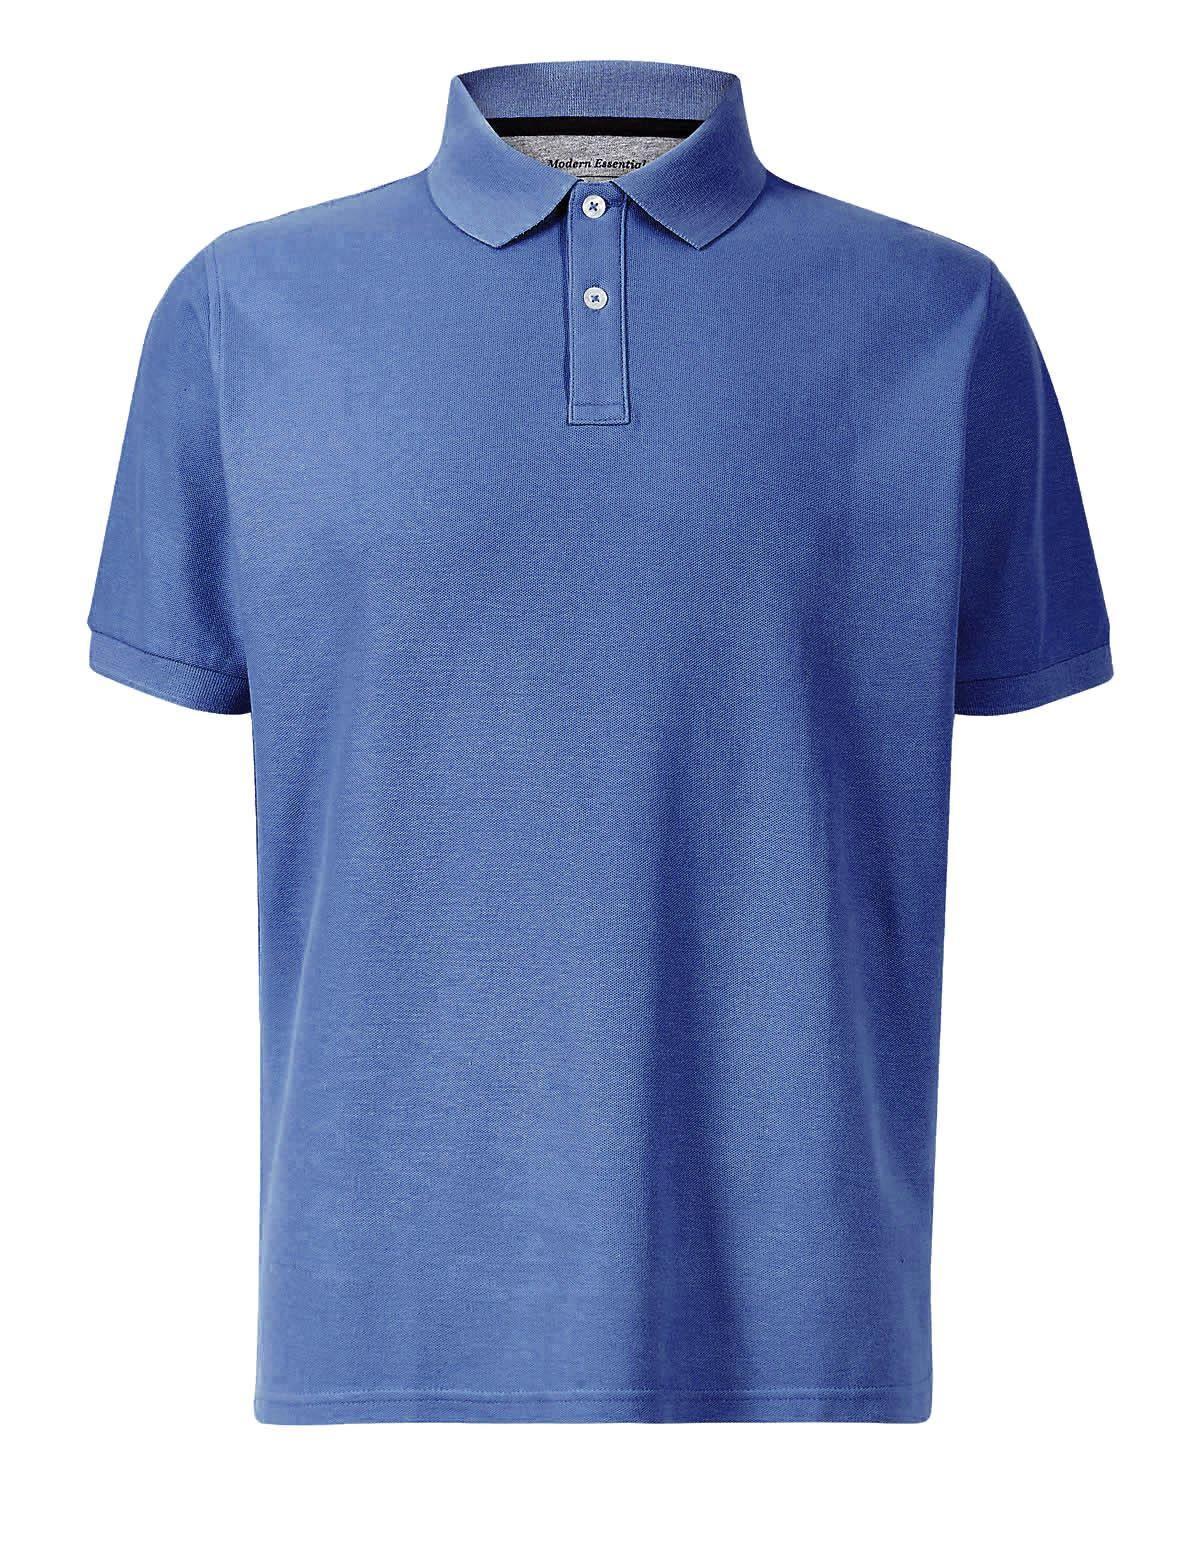 Marks-amp-Spencer-Camisa-Polo-Para-Hombre-Algodon-Clasico-M-amp-S-todos-los-colores-y-tamanos-de miniatura 9